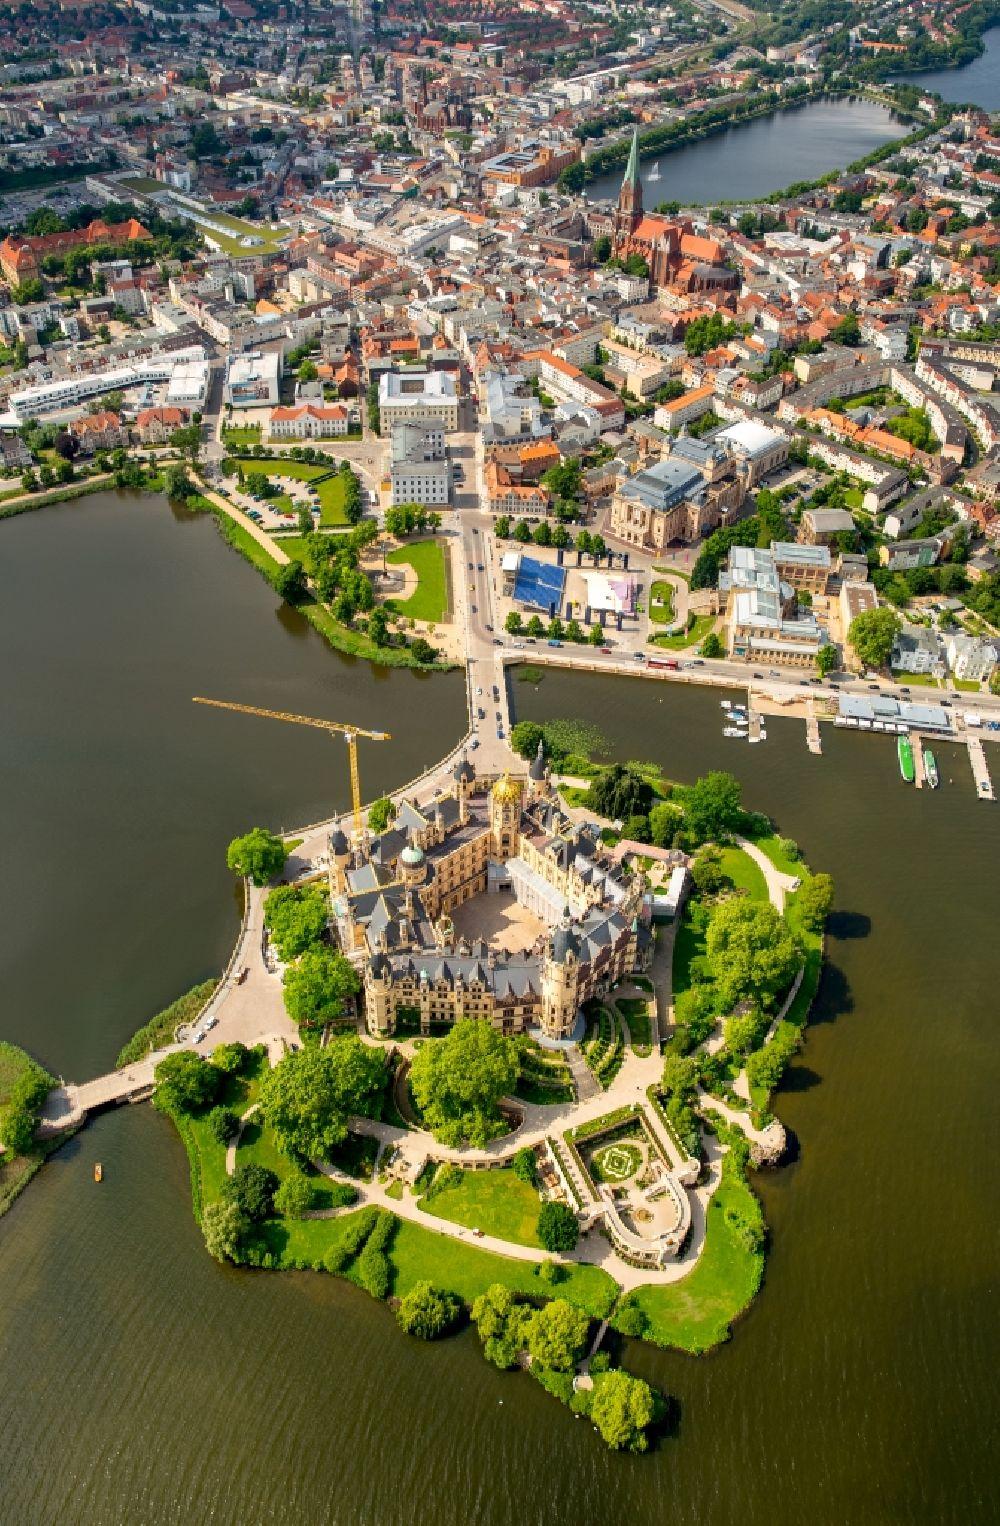 Landeshauptstadt Mecklenburg Vorpommern